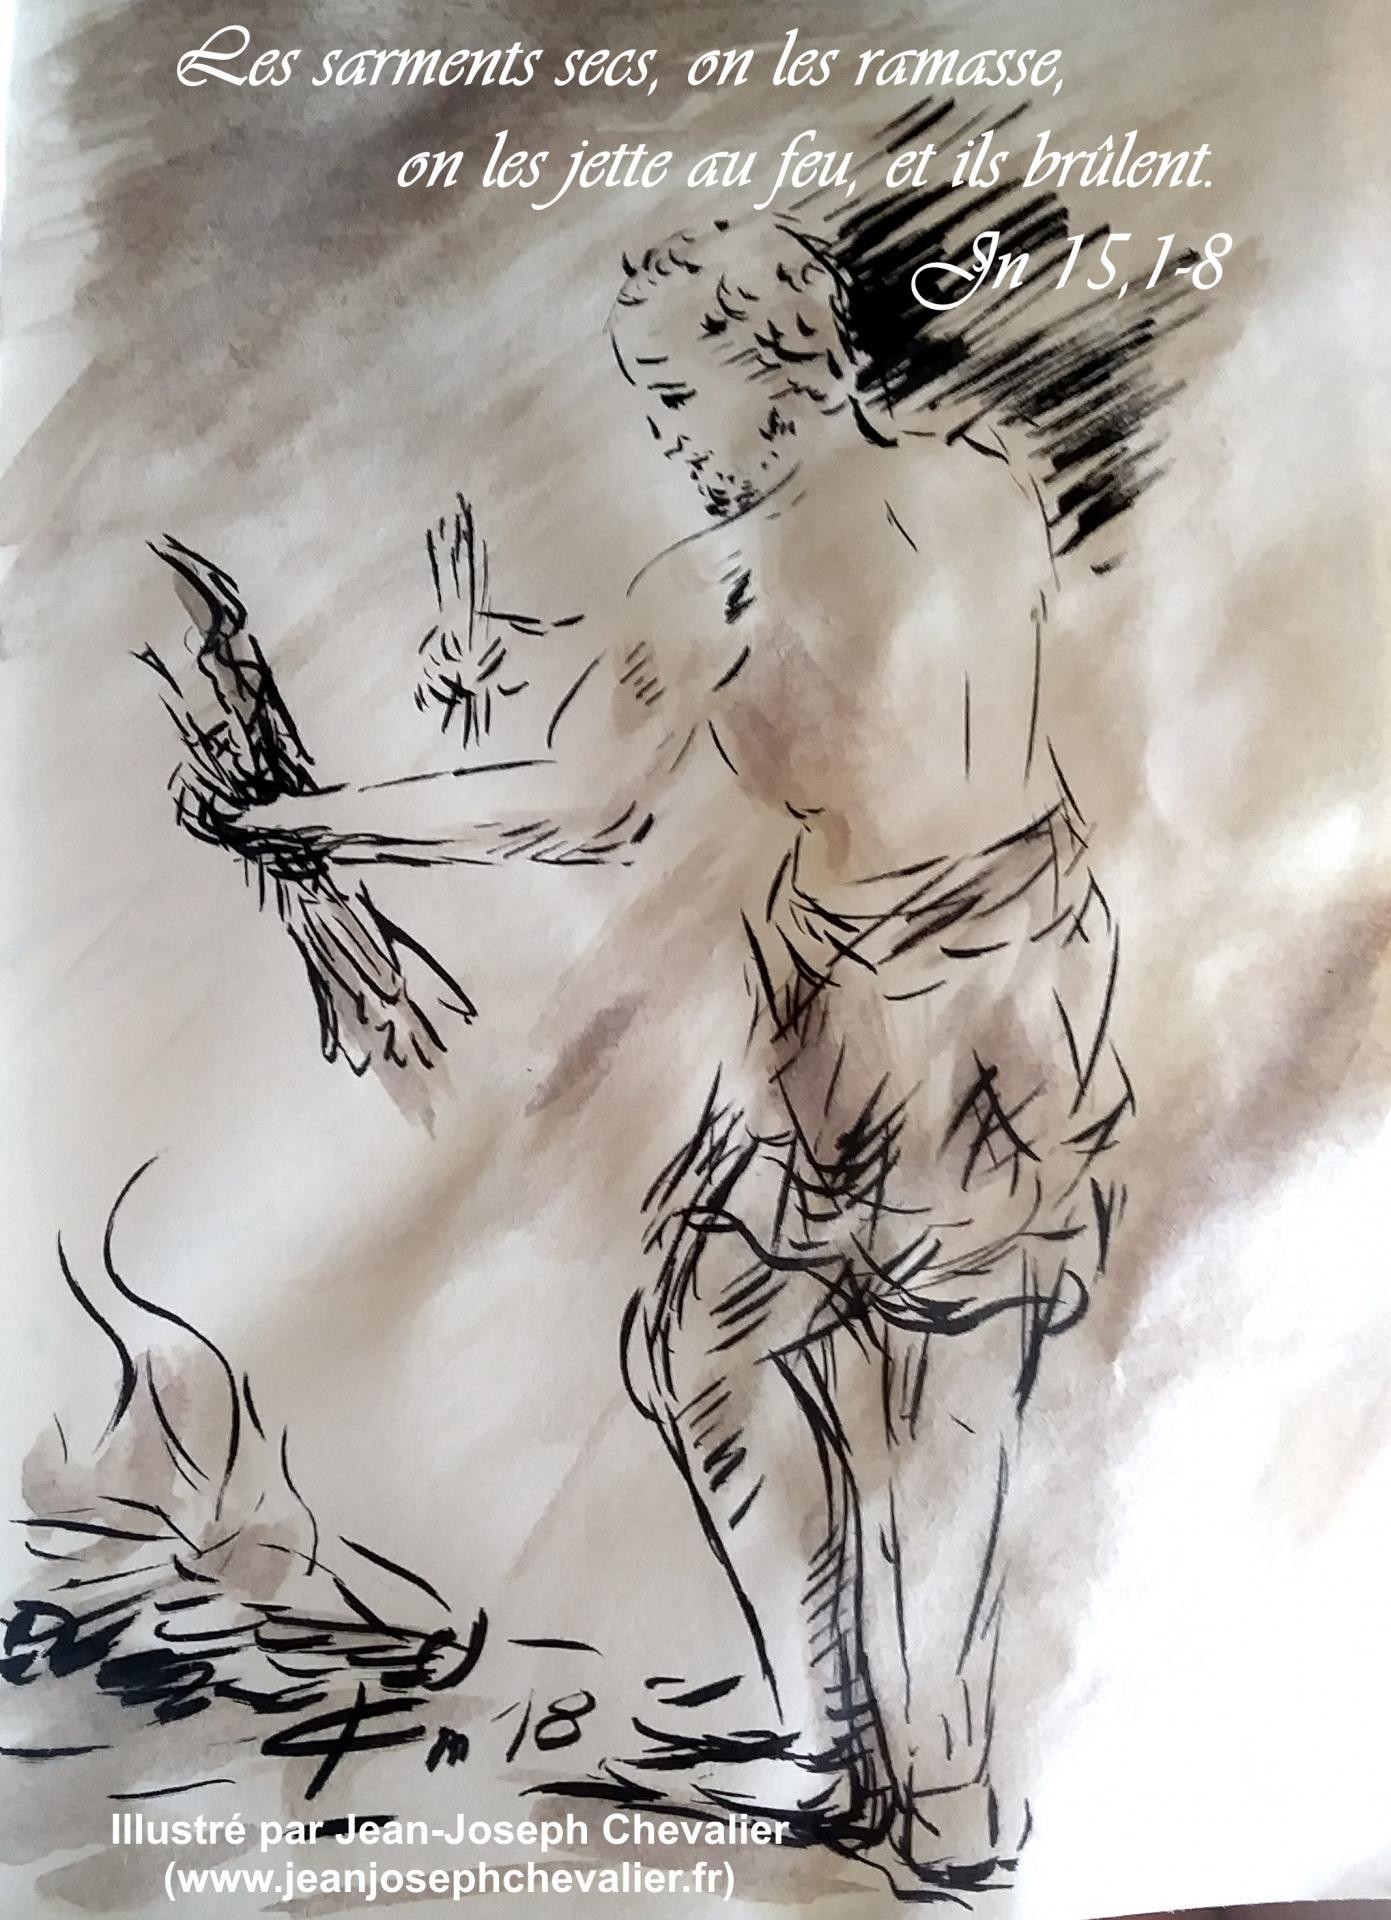 29 avril 2018 evangile du jour illustre par un dessin au lavis de jean joseph chevalier image